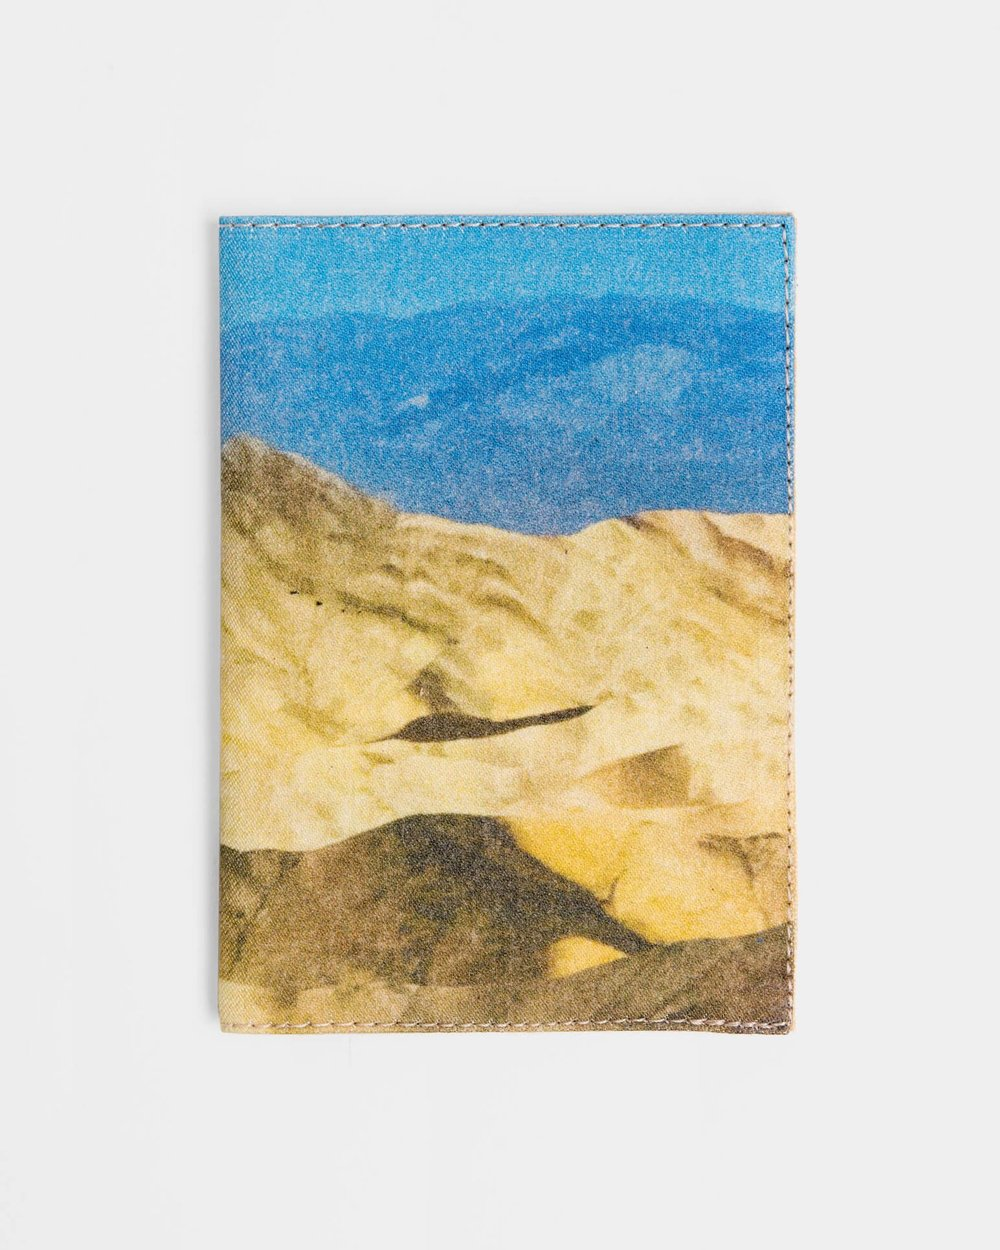 0263-Arizona-Passport-Wallet-_Photo-by-Aya-Wind_1_6f3a669f-7d21-45b2-b21c-40378ca4c0ab_1440x.jpg